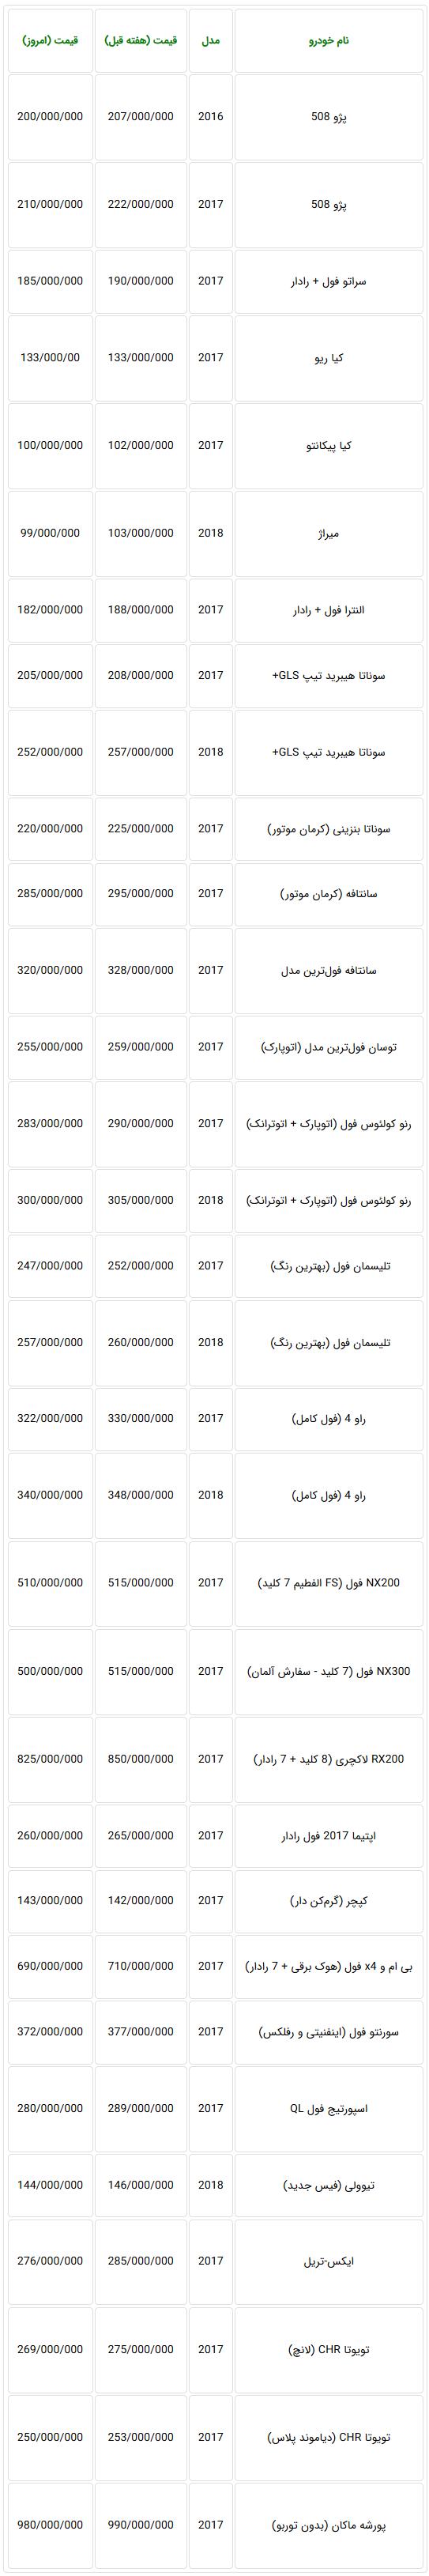 رکود درشب عید بازار خودروهای وارداتی - جدول قیمت